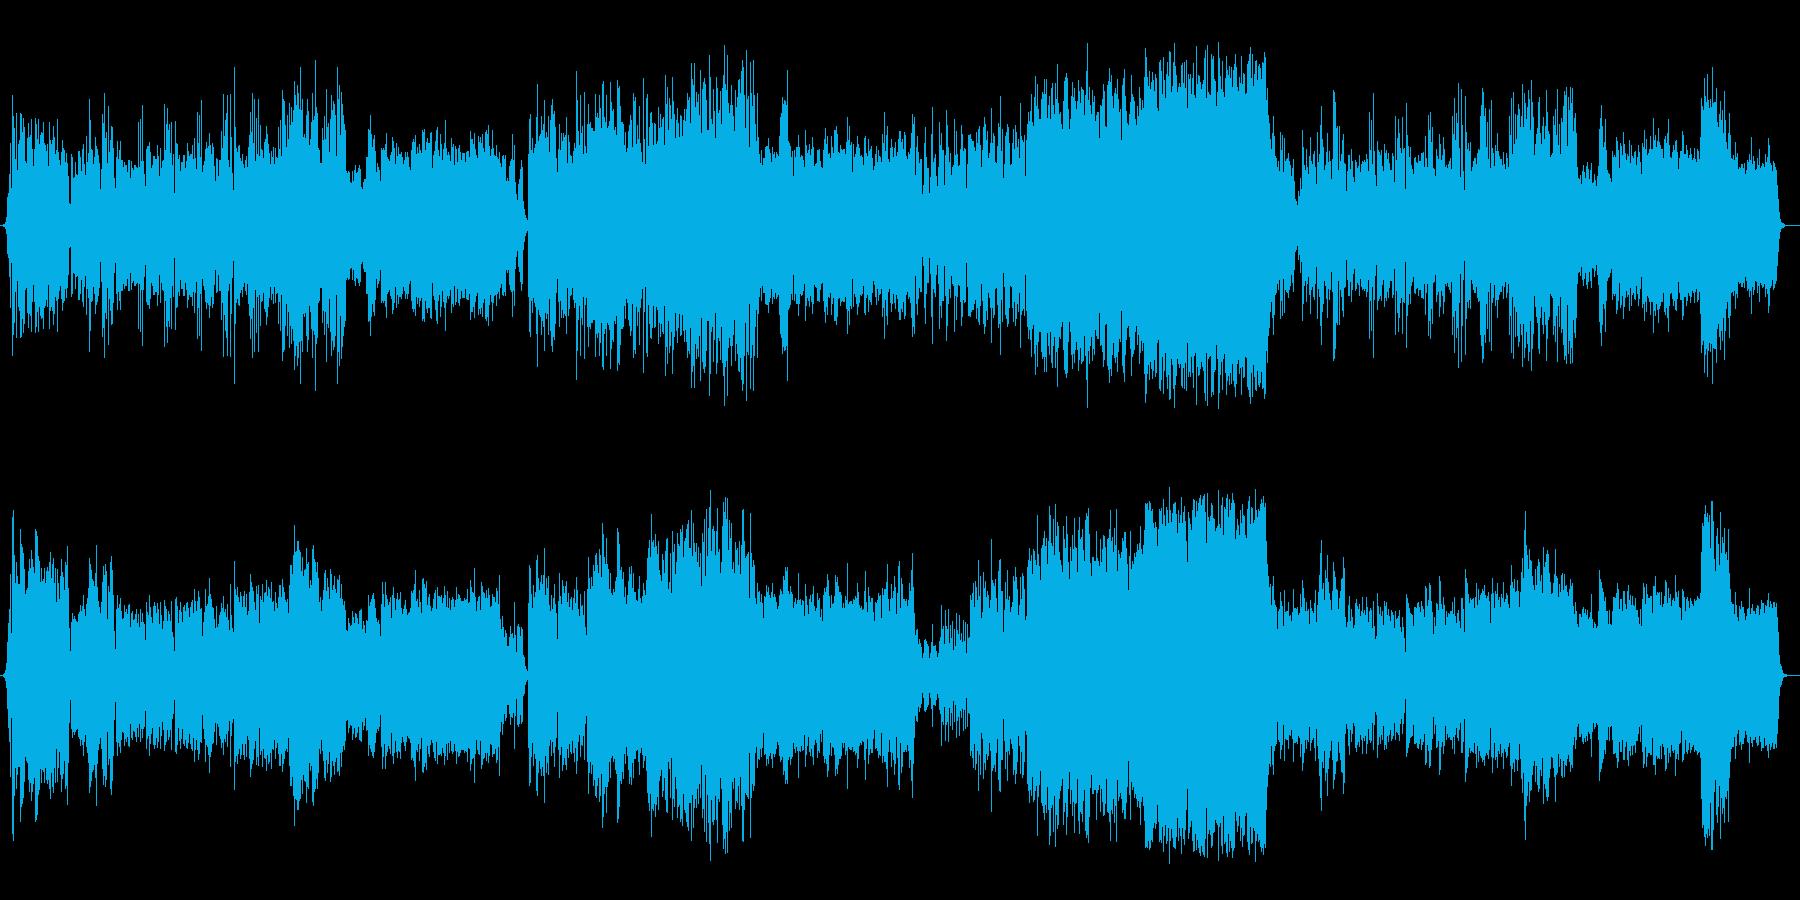 中国4千年の歴史風サウンドの再生済みの波形